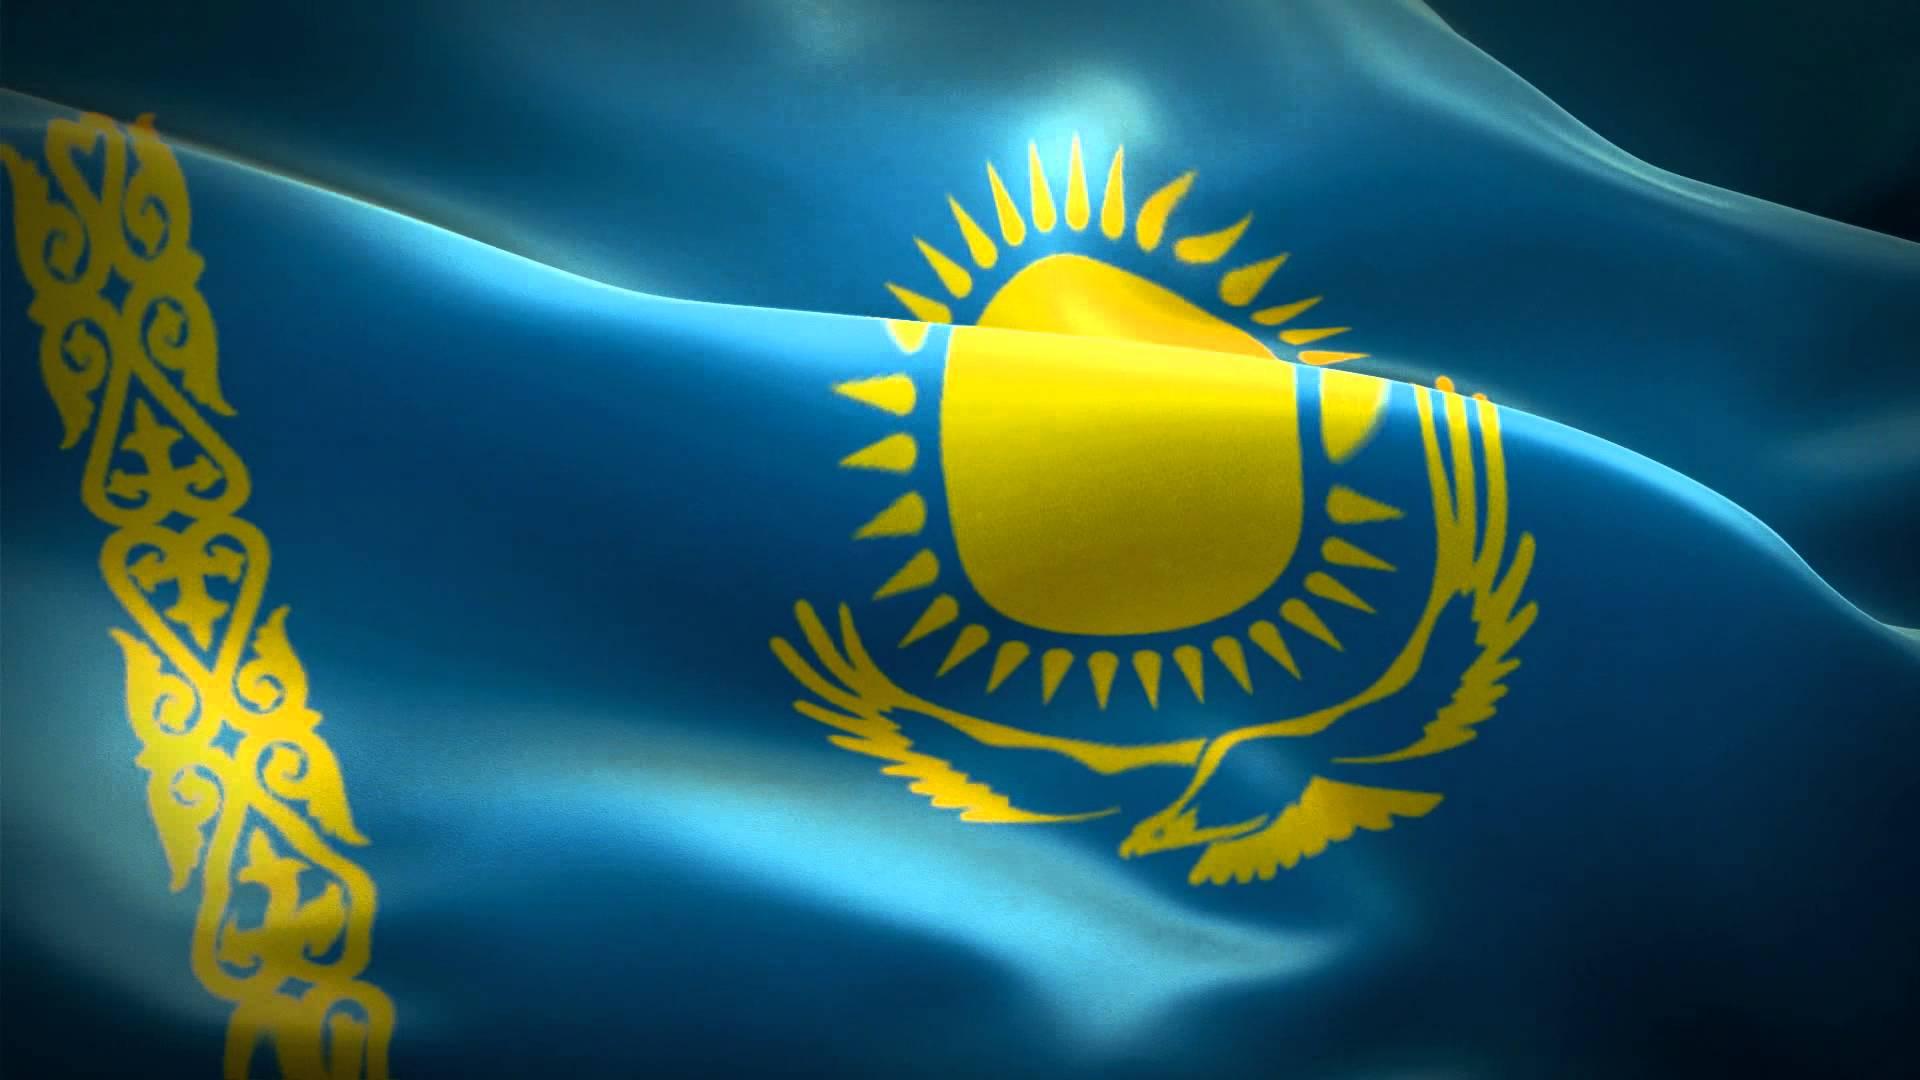 Фоновые картинки казахстан